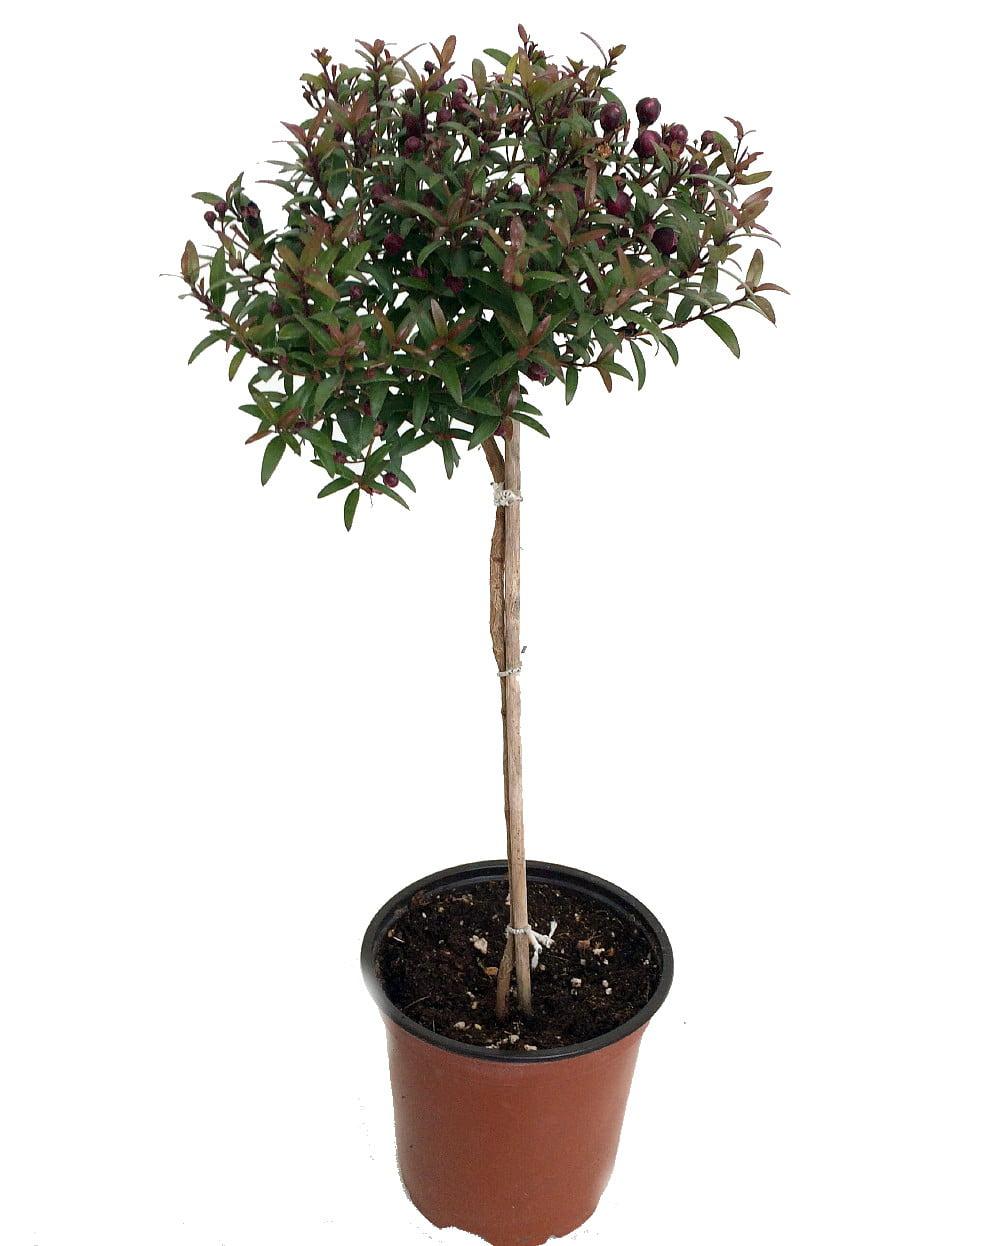 Biblical Myrtle Herb Plant Myrtus Ancient Herb 4 5 Pot Topiary Walmart Com Walmart Com